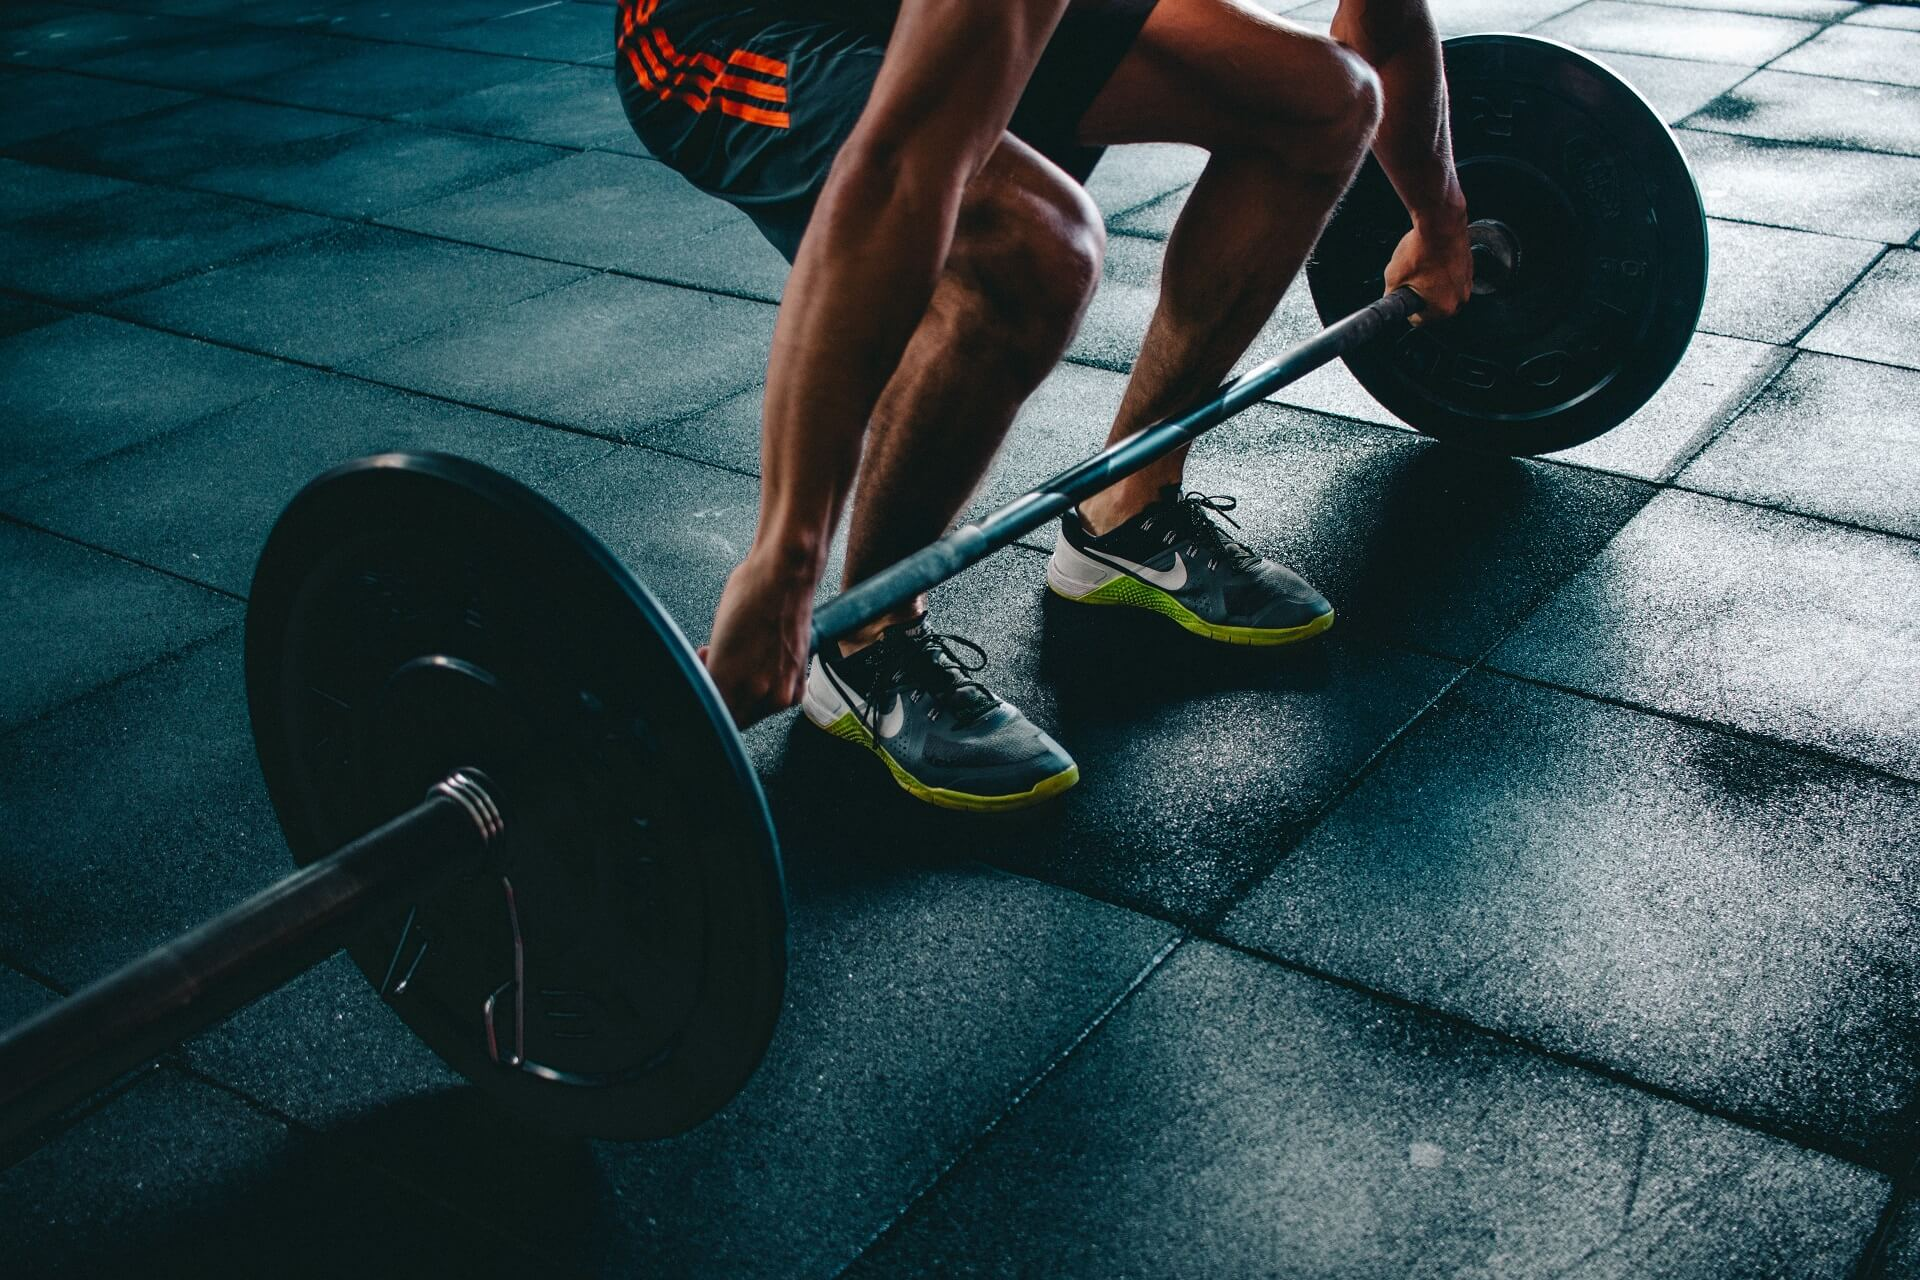 Как тренироваться, чтобы достичь результата: Советы фитнес-эксперта-Фото 1